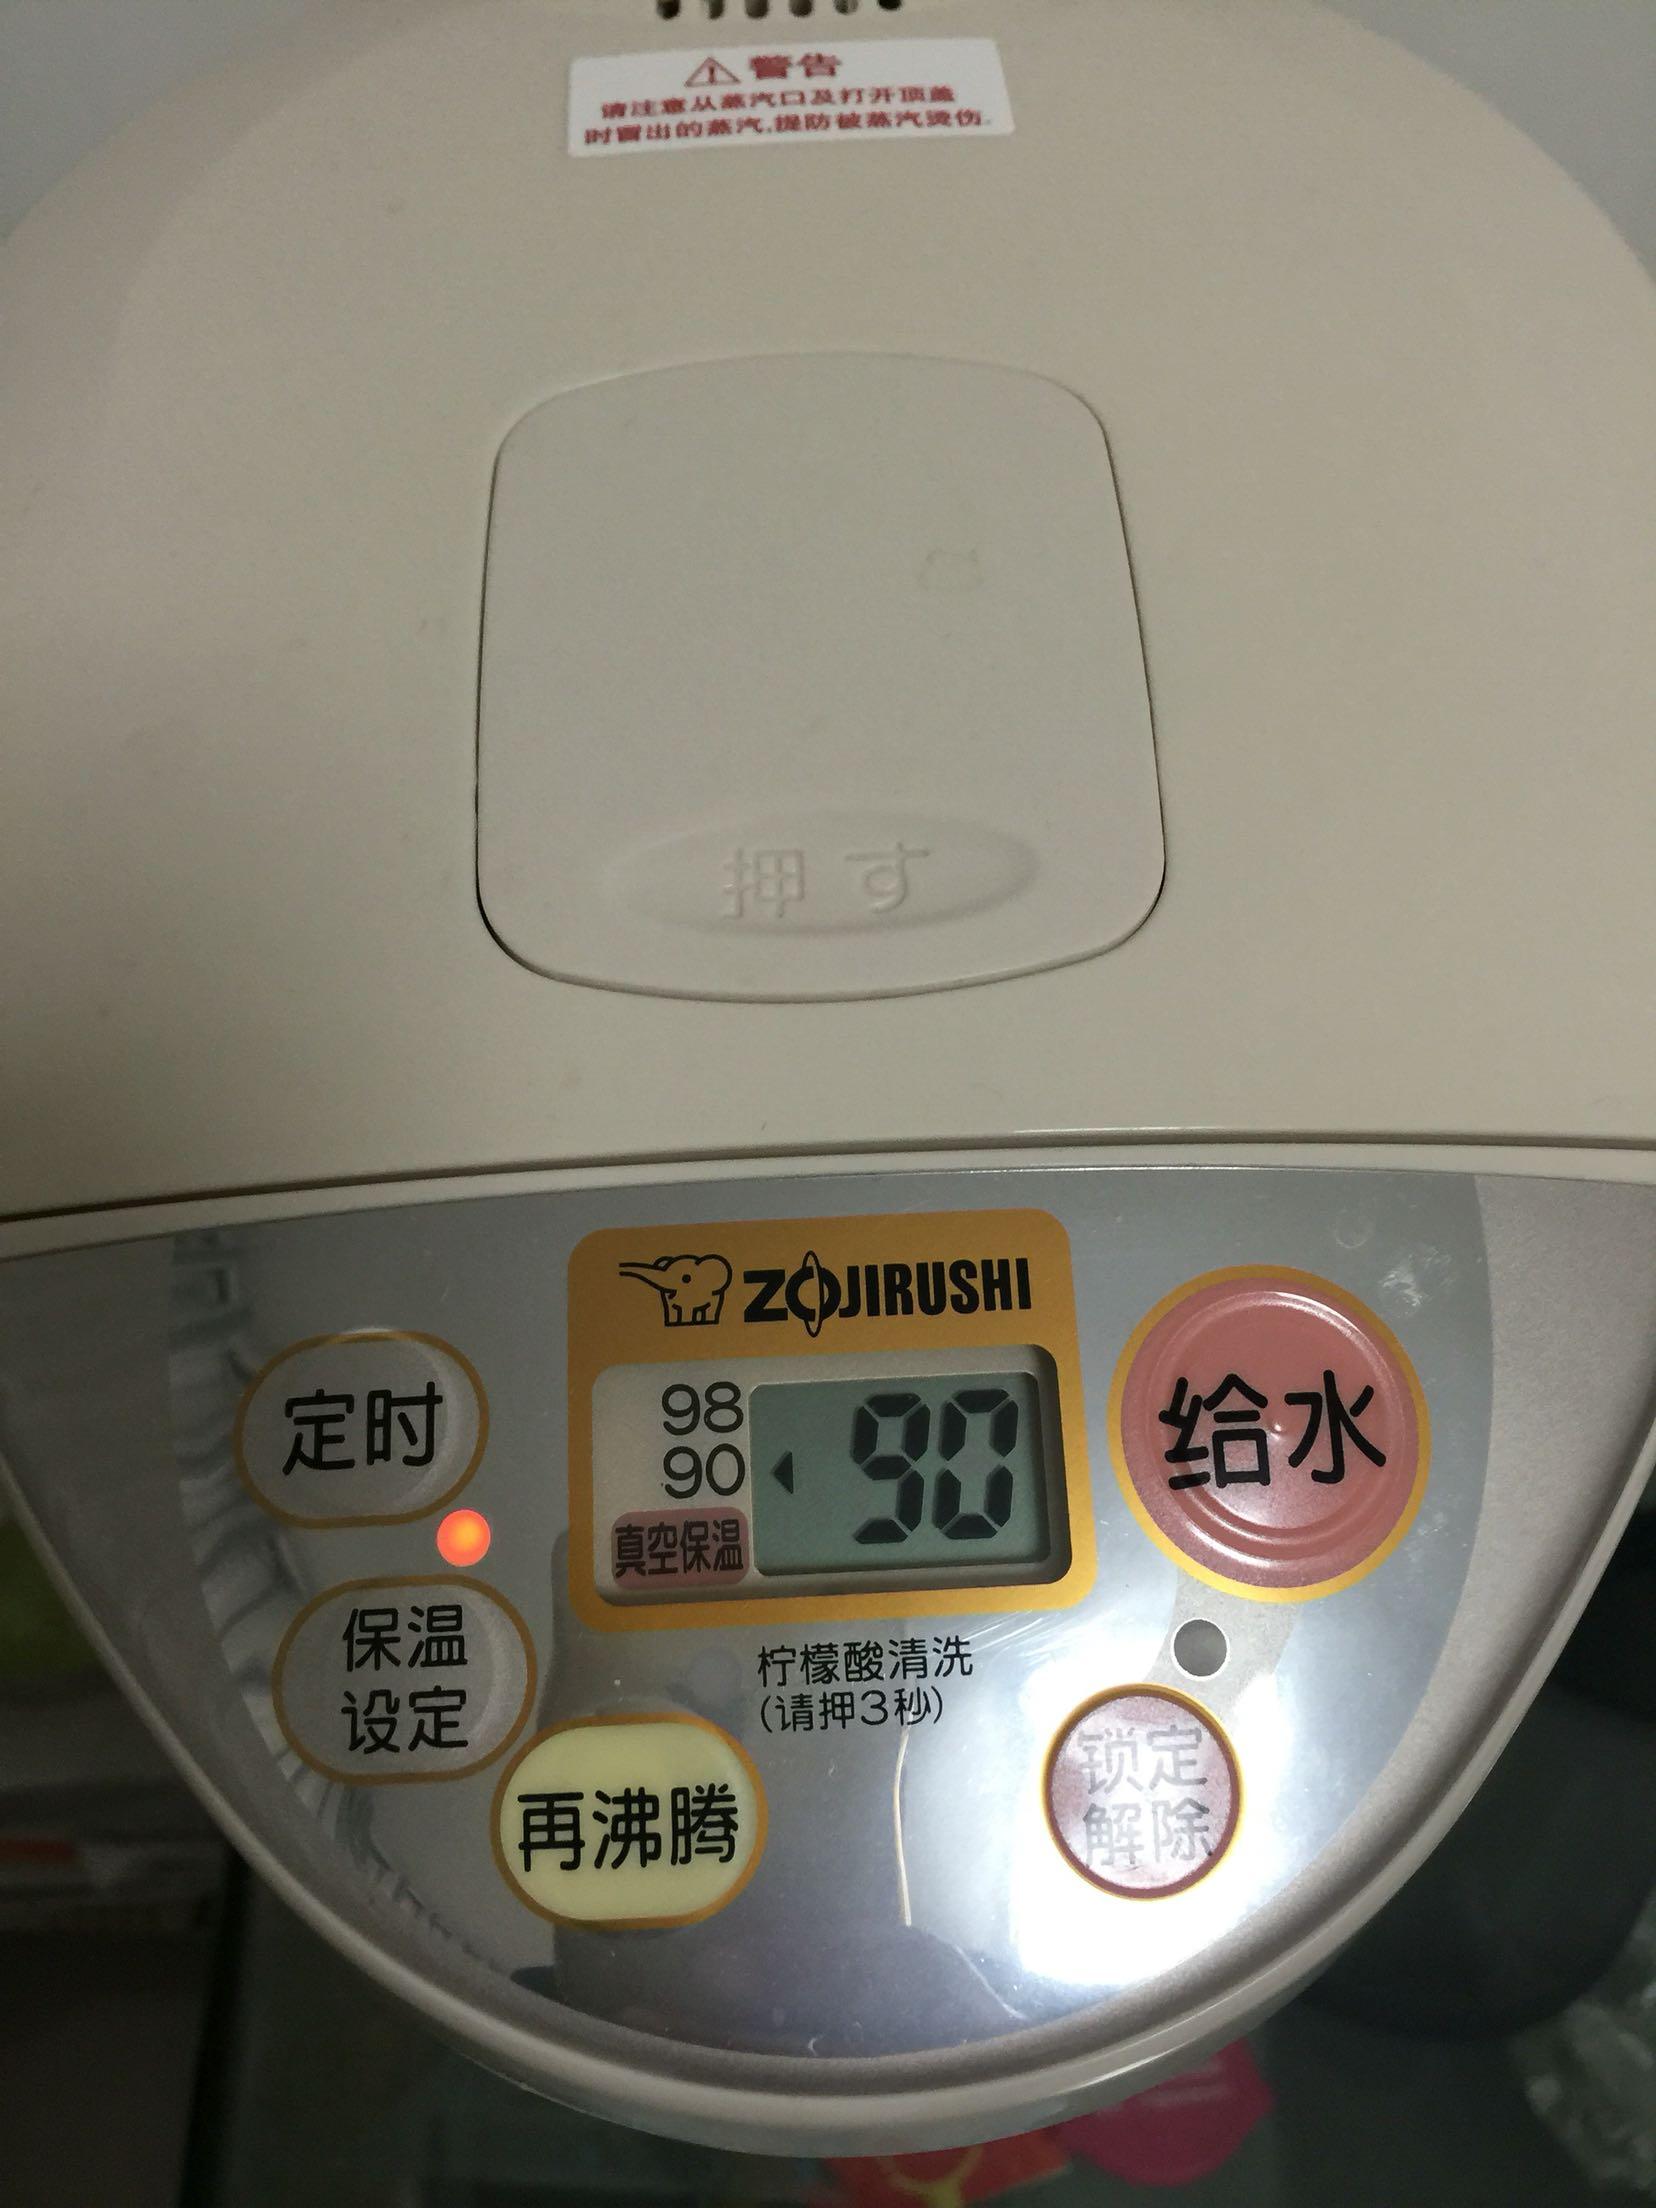 wireless earphones 00238544 forsale